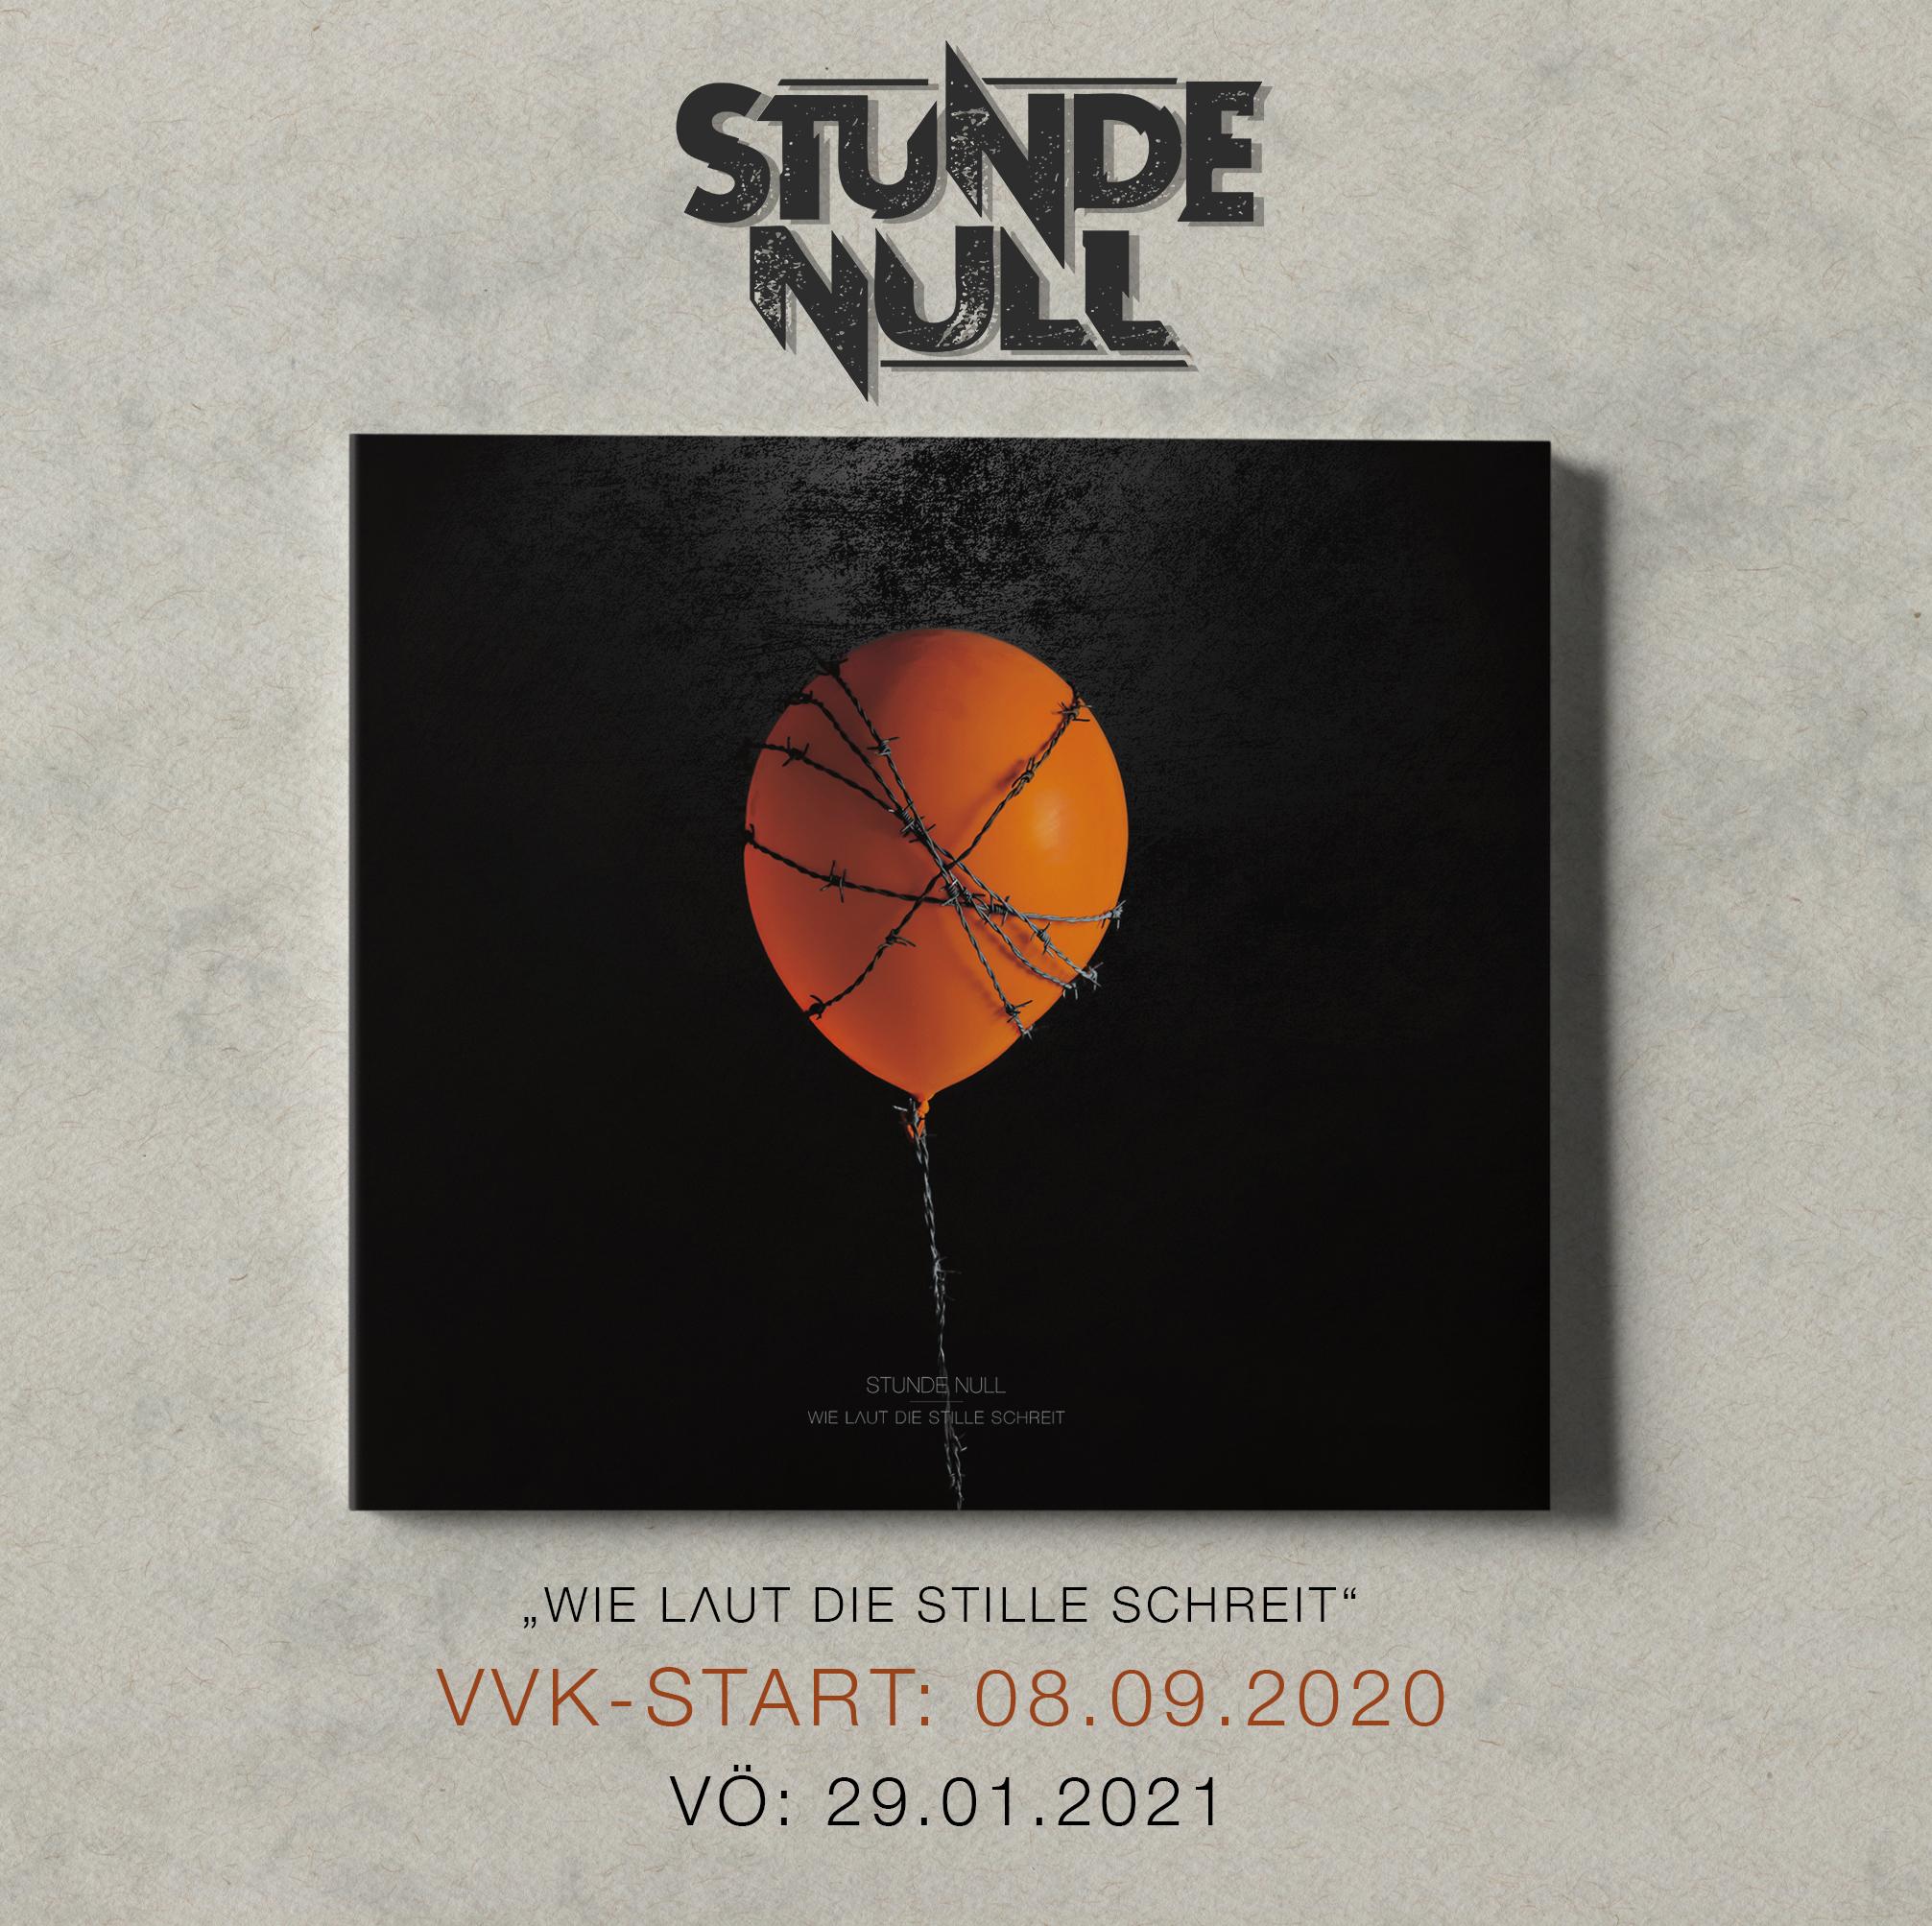 STUNDE NULL - WIE LAUT DIE STILLE SCHREIT Image